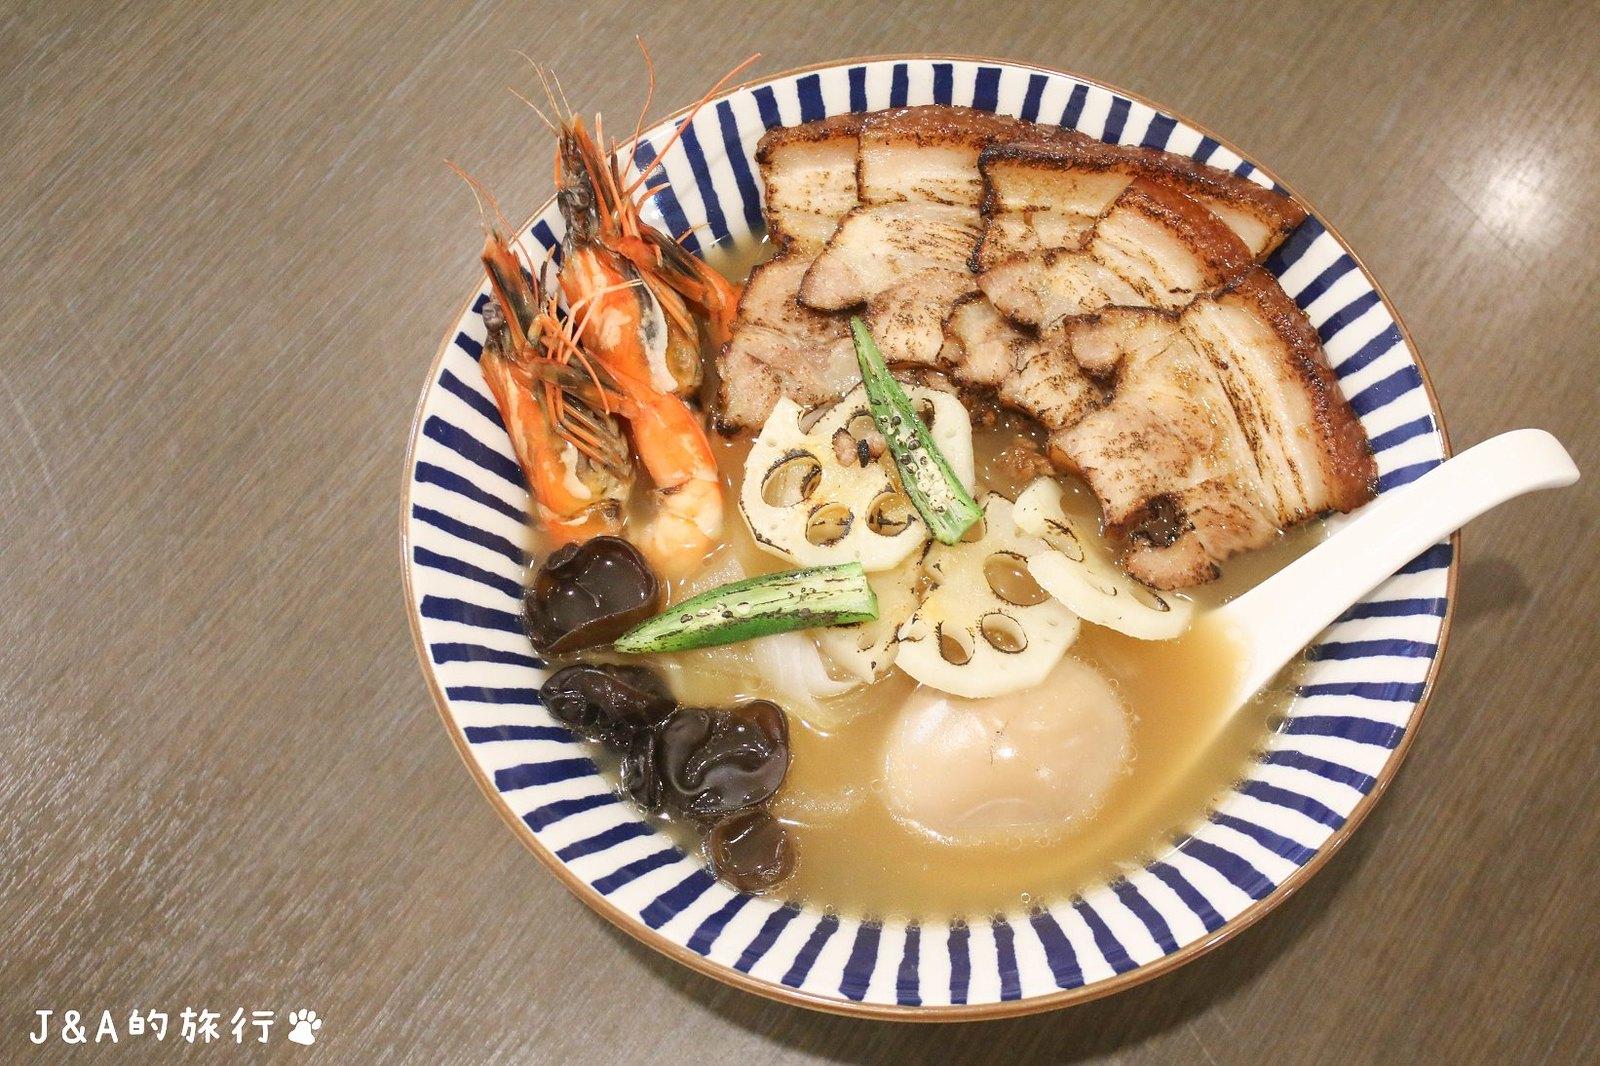 三弄食光。大份量海味濃郁的小管墨魚燉飯200元就吃得到【捷運東湖/內湖美食】 @J&A的旅行